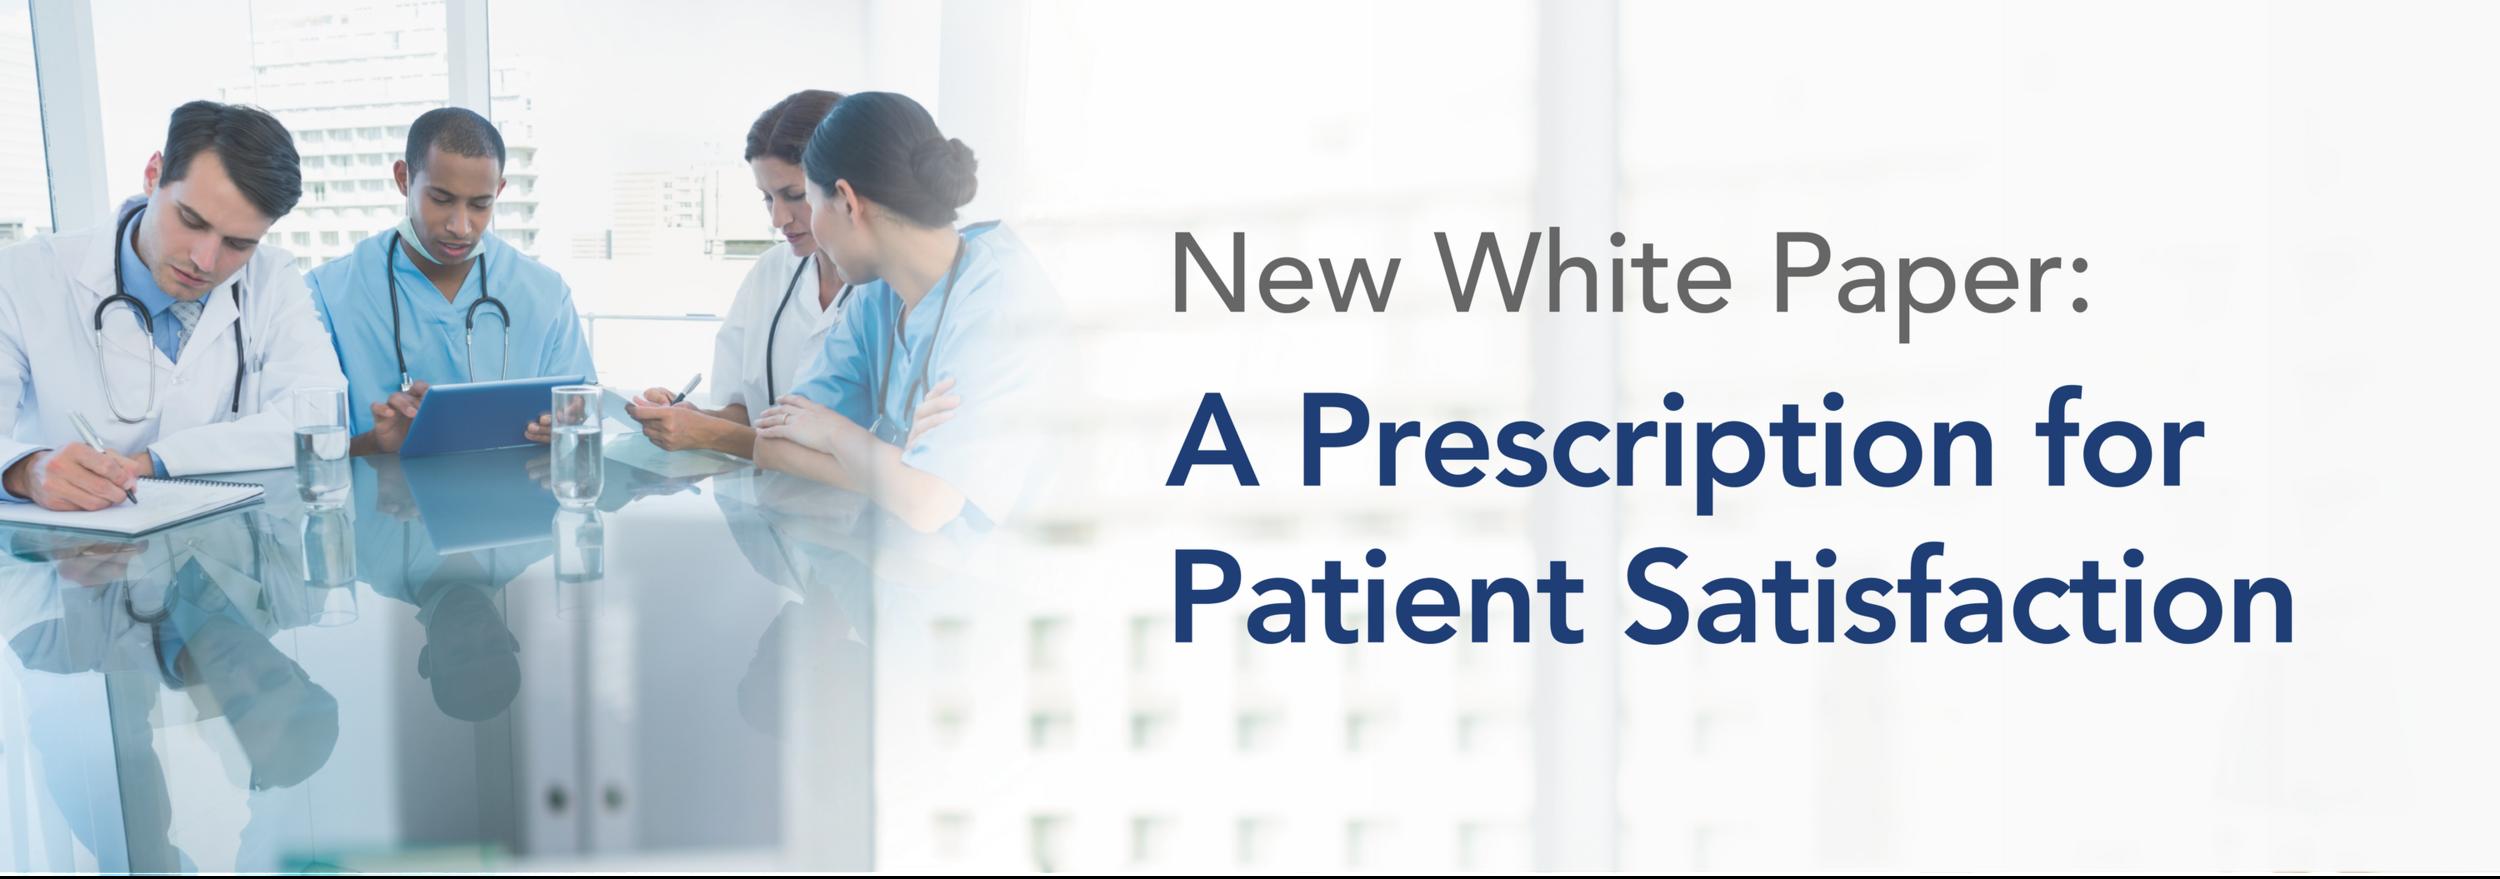 A Prescription for Patient Satisfaction